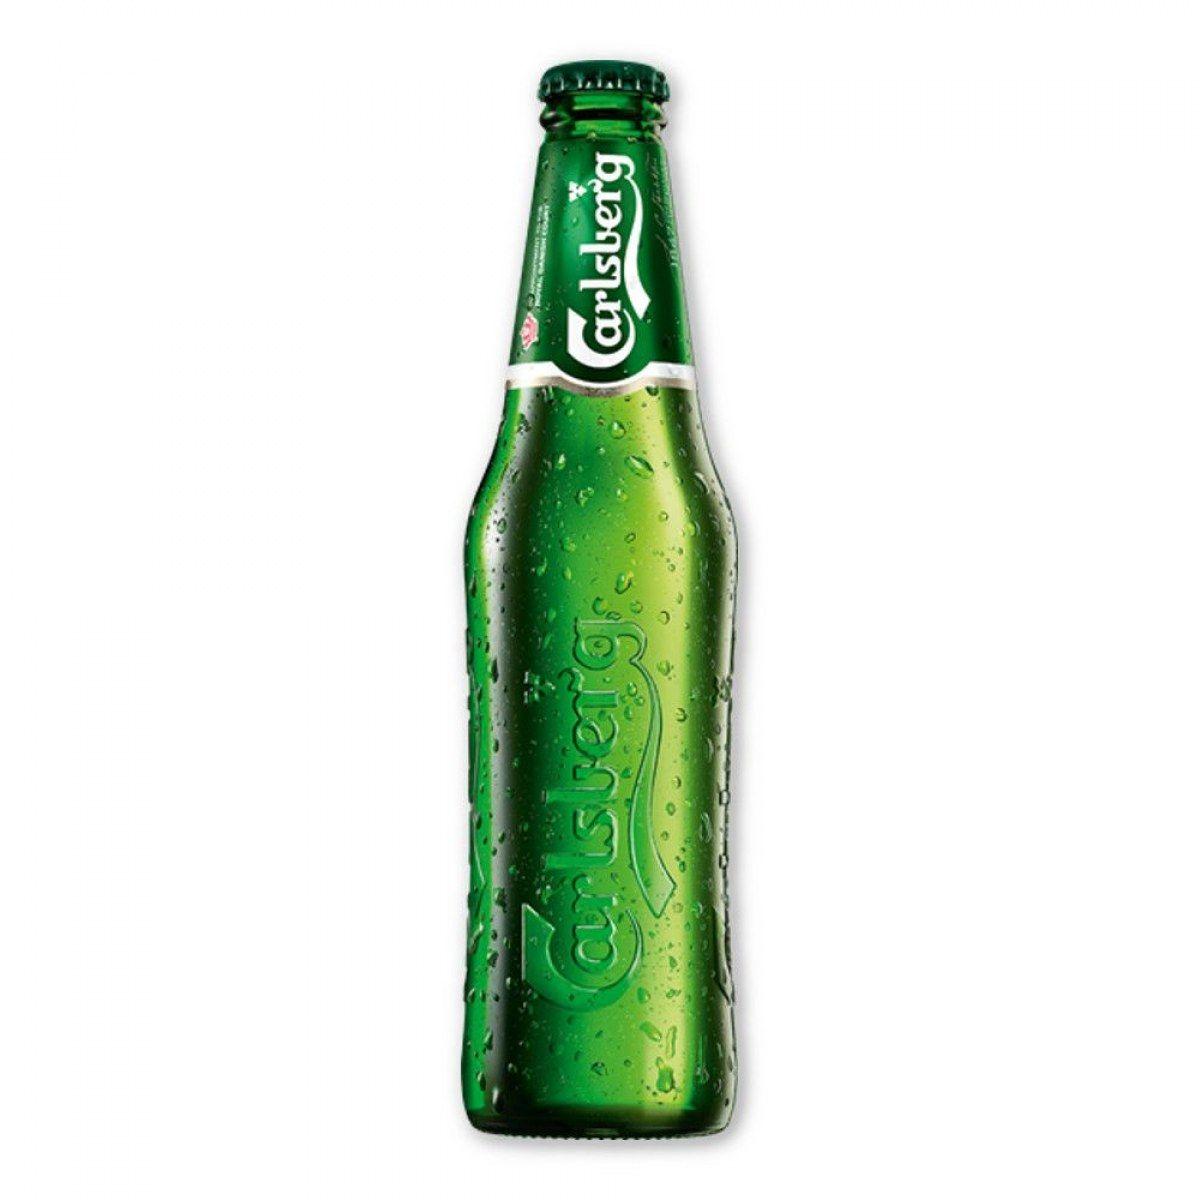 Cena za Carlsberga przy zakupie 3 butelek Biedronka